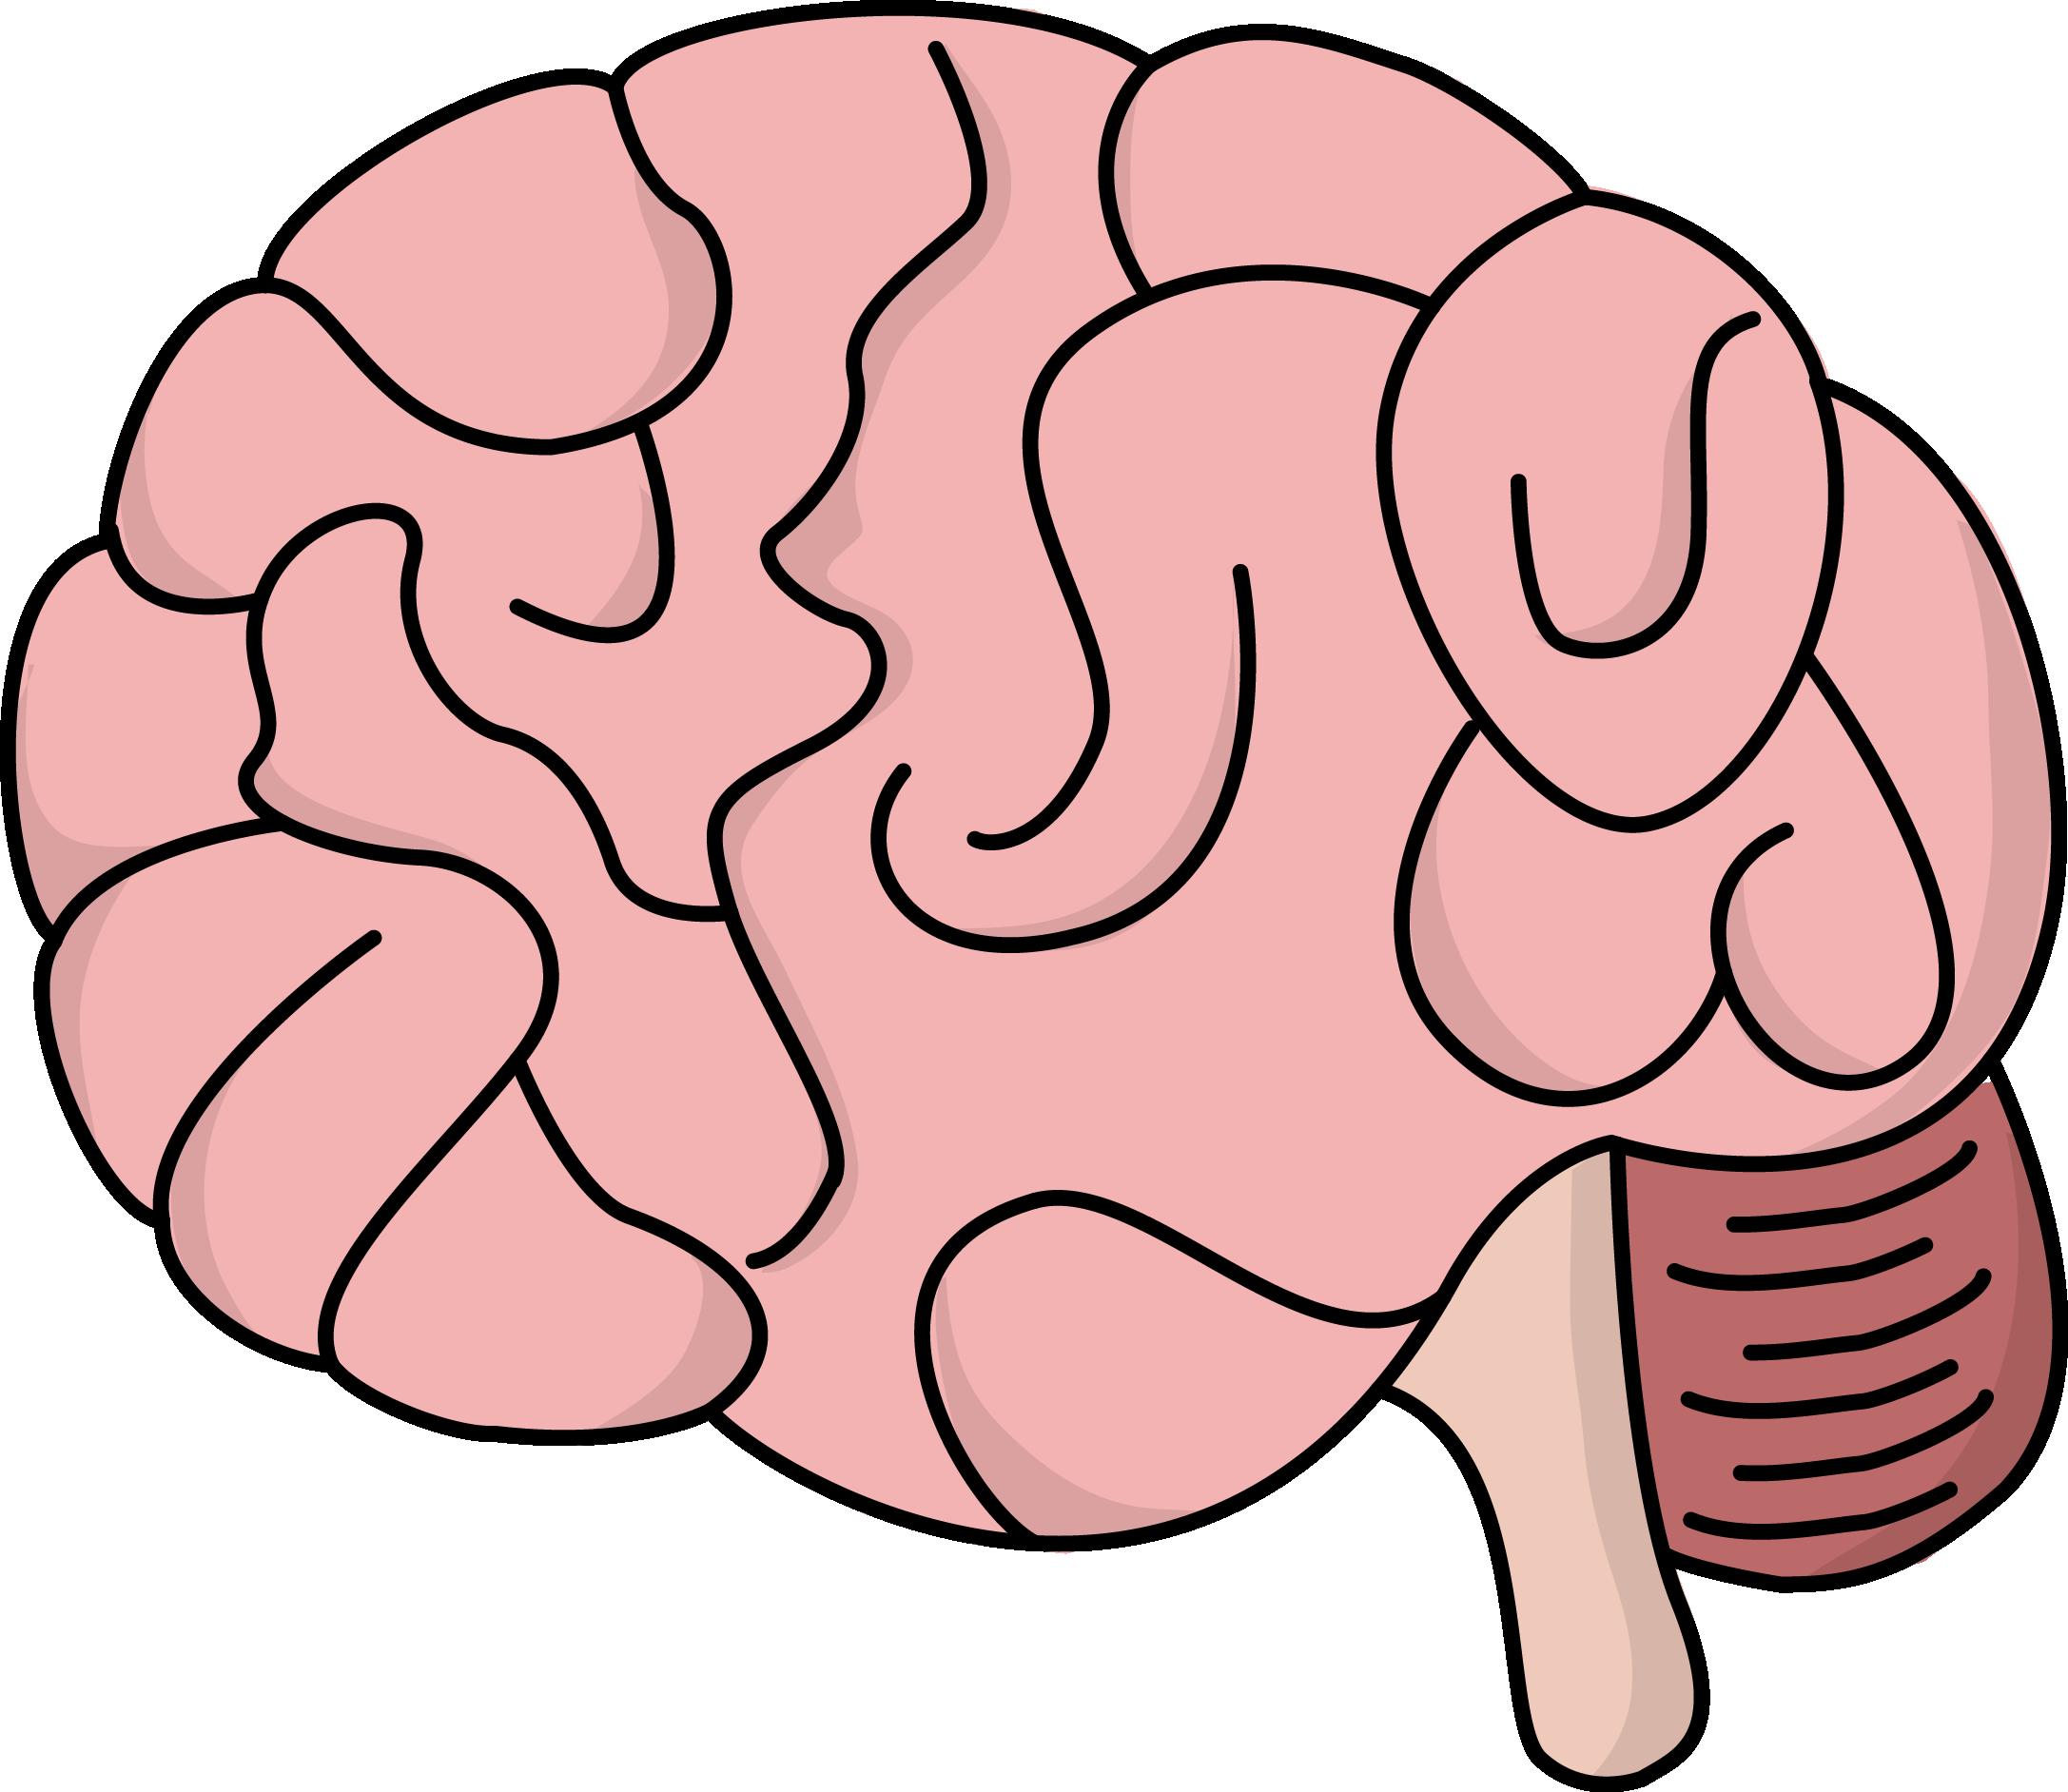 2174x1884 Brain Clipart Clipart